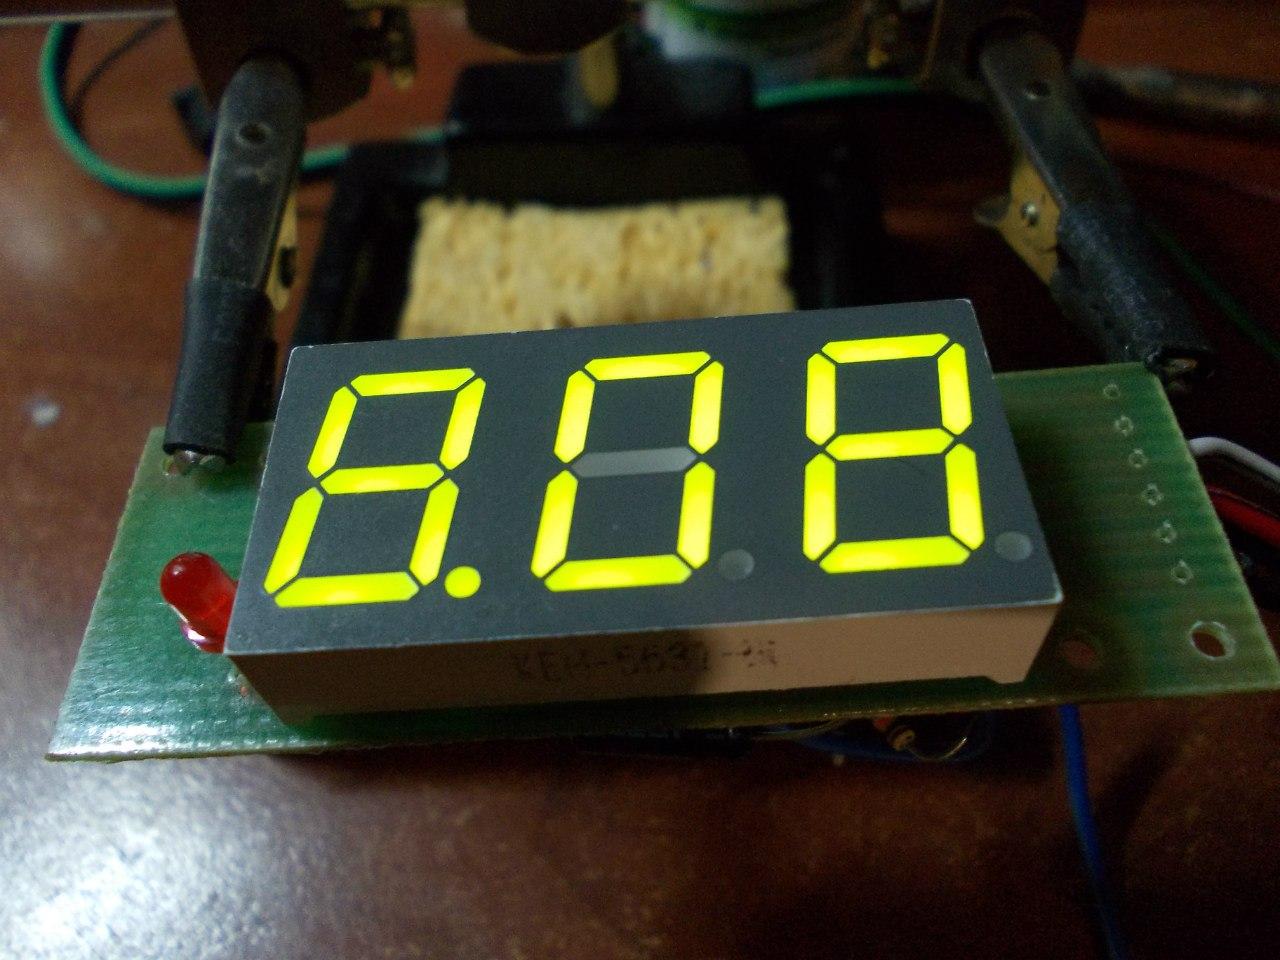 Радиоэлектроника, принципиальные схемы и статьи, самоделки 61